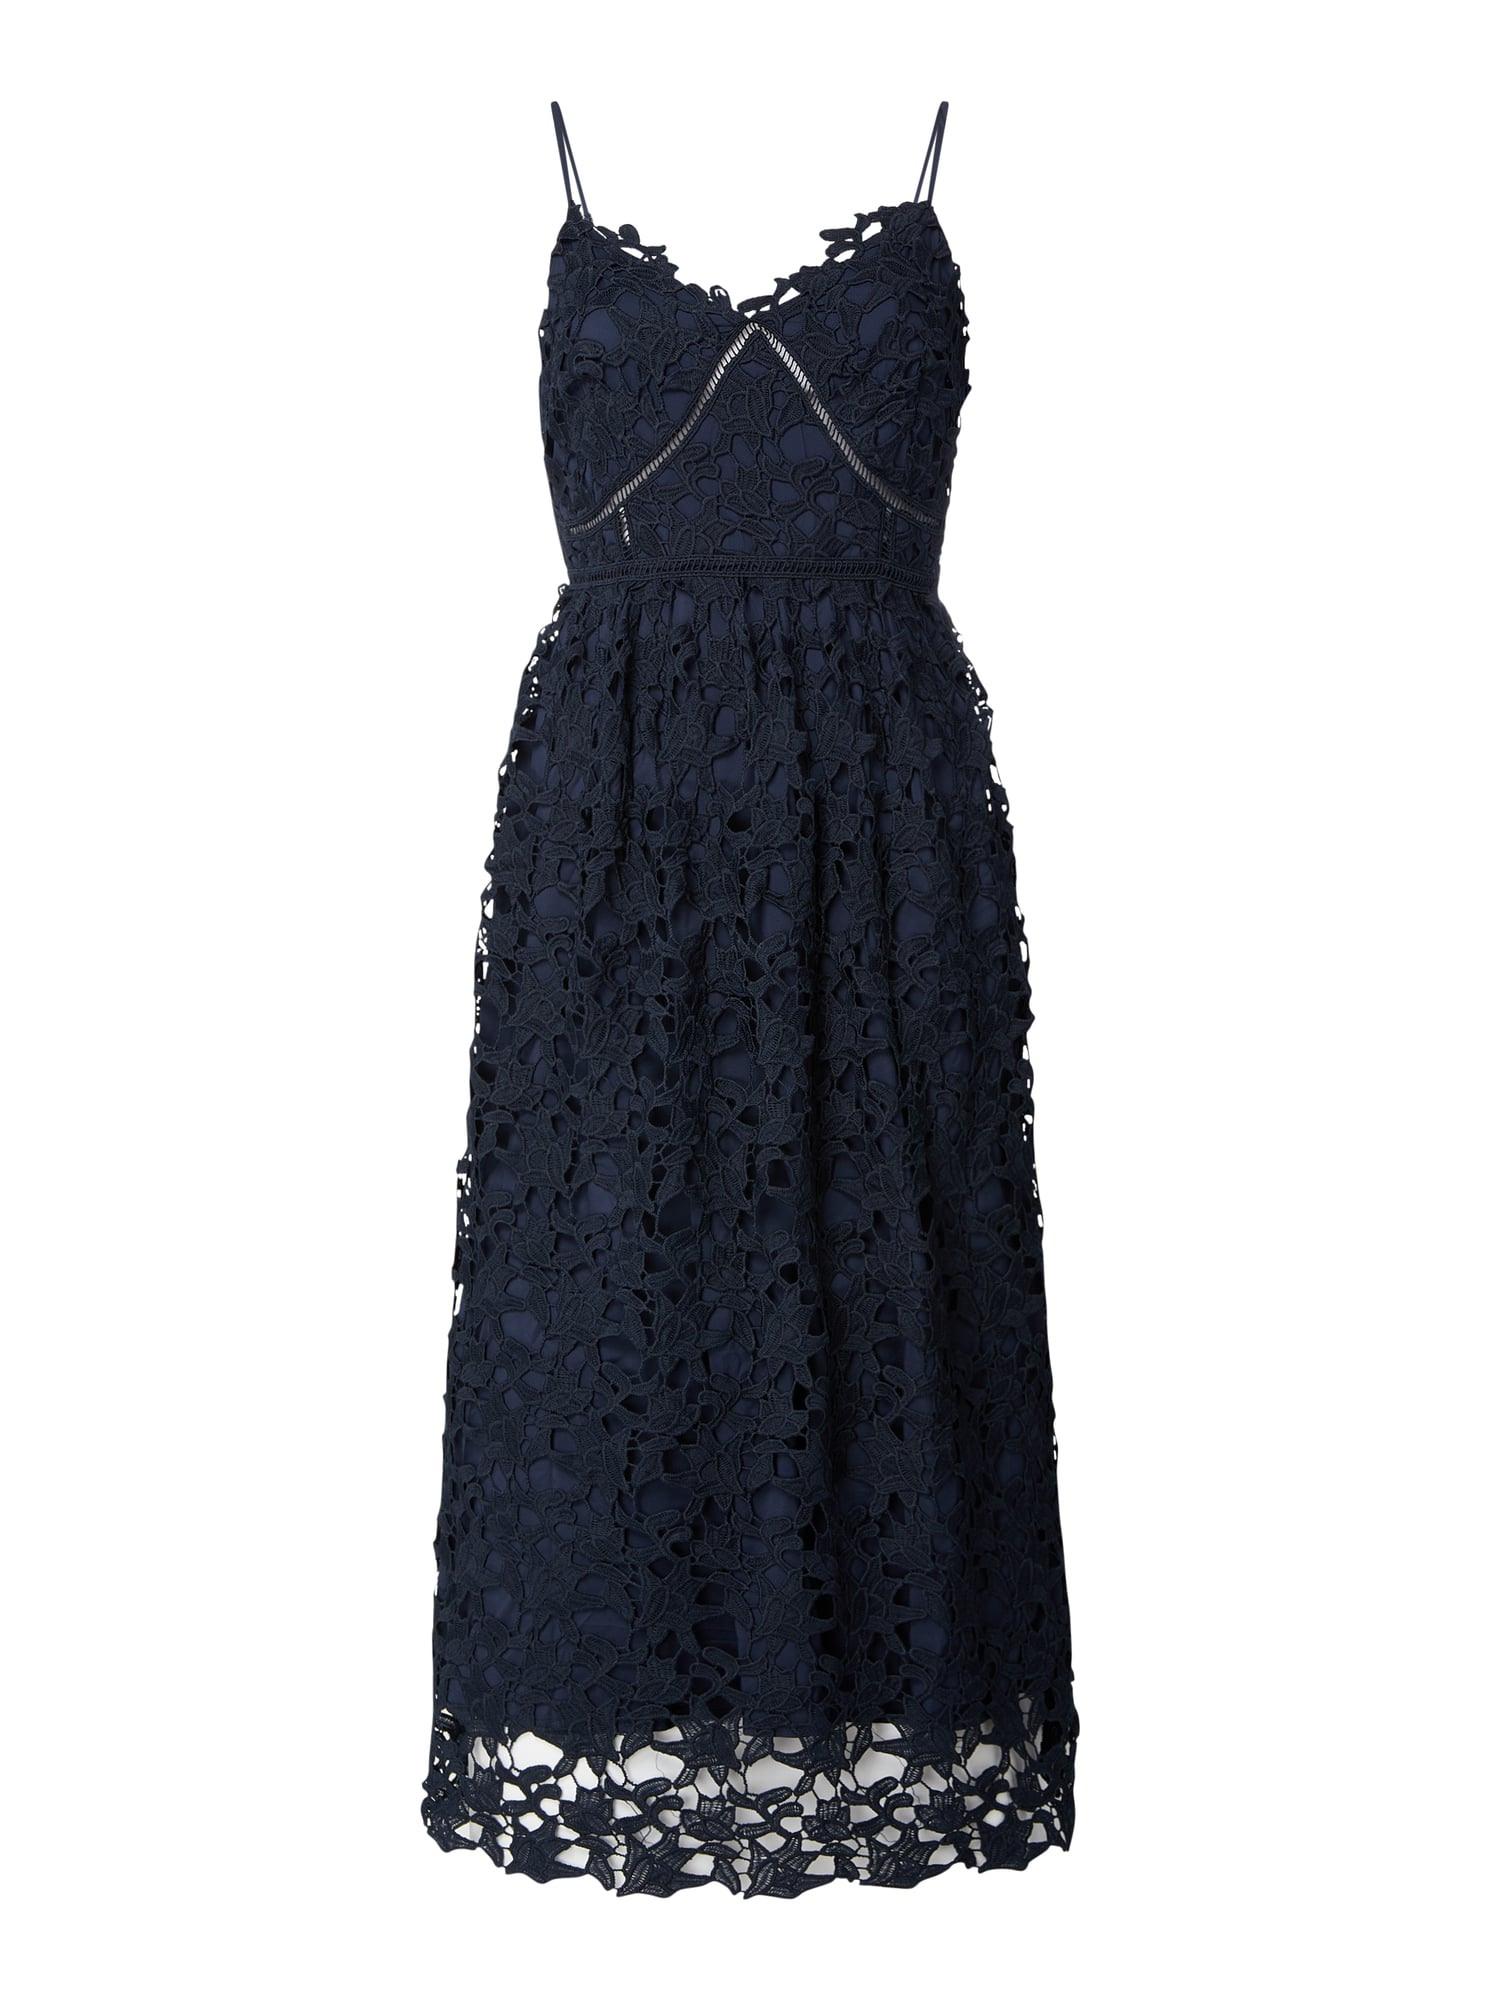 Yas Kleid Aus Floraler Spitze Modell 'Luie' In Blau